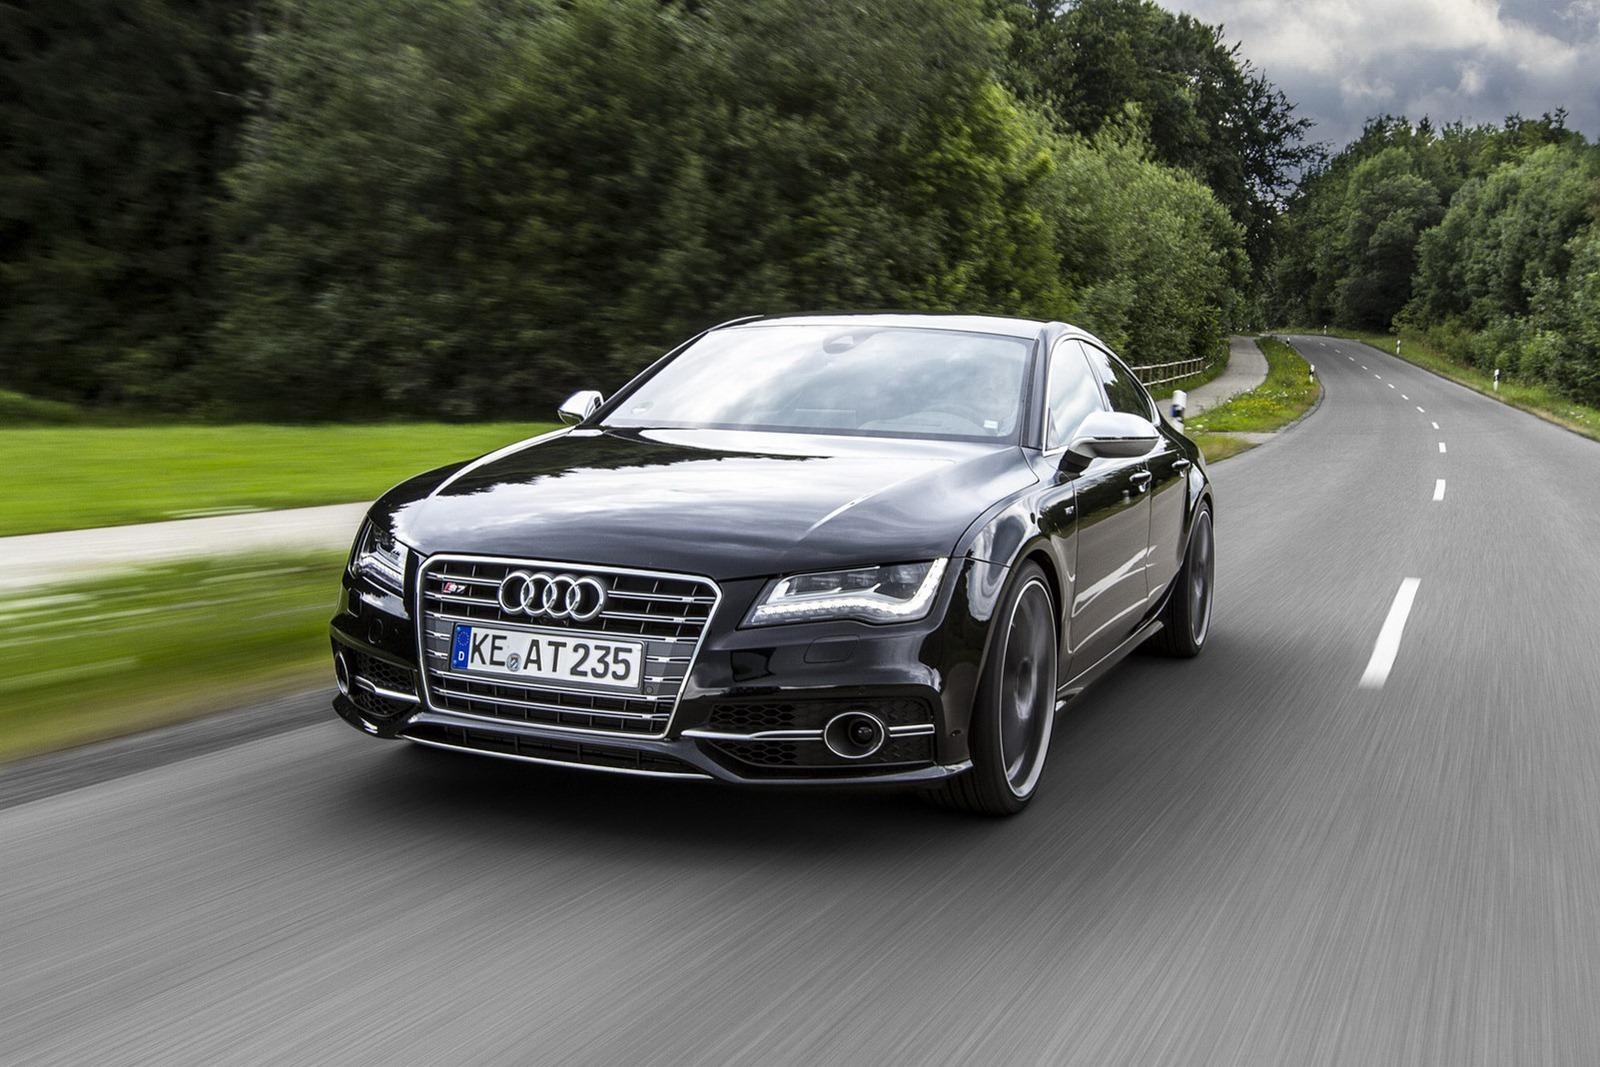 Audi S7 Sportback by ABT Sportsline